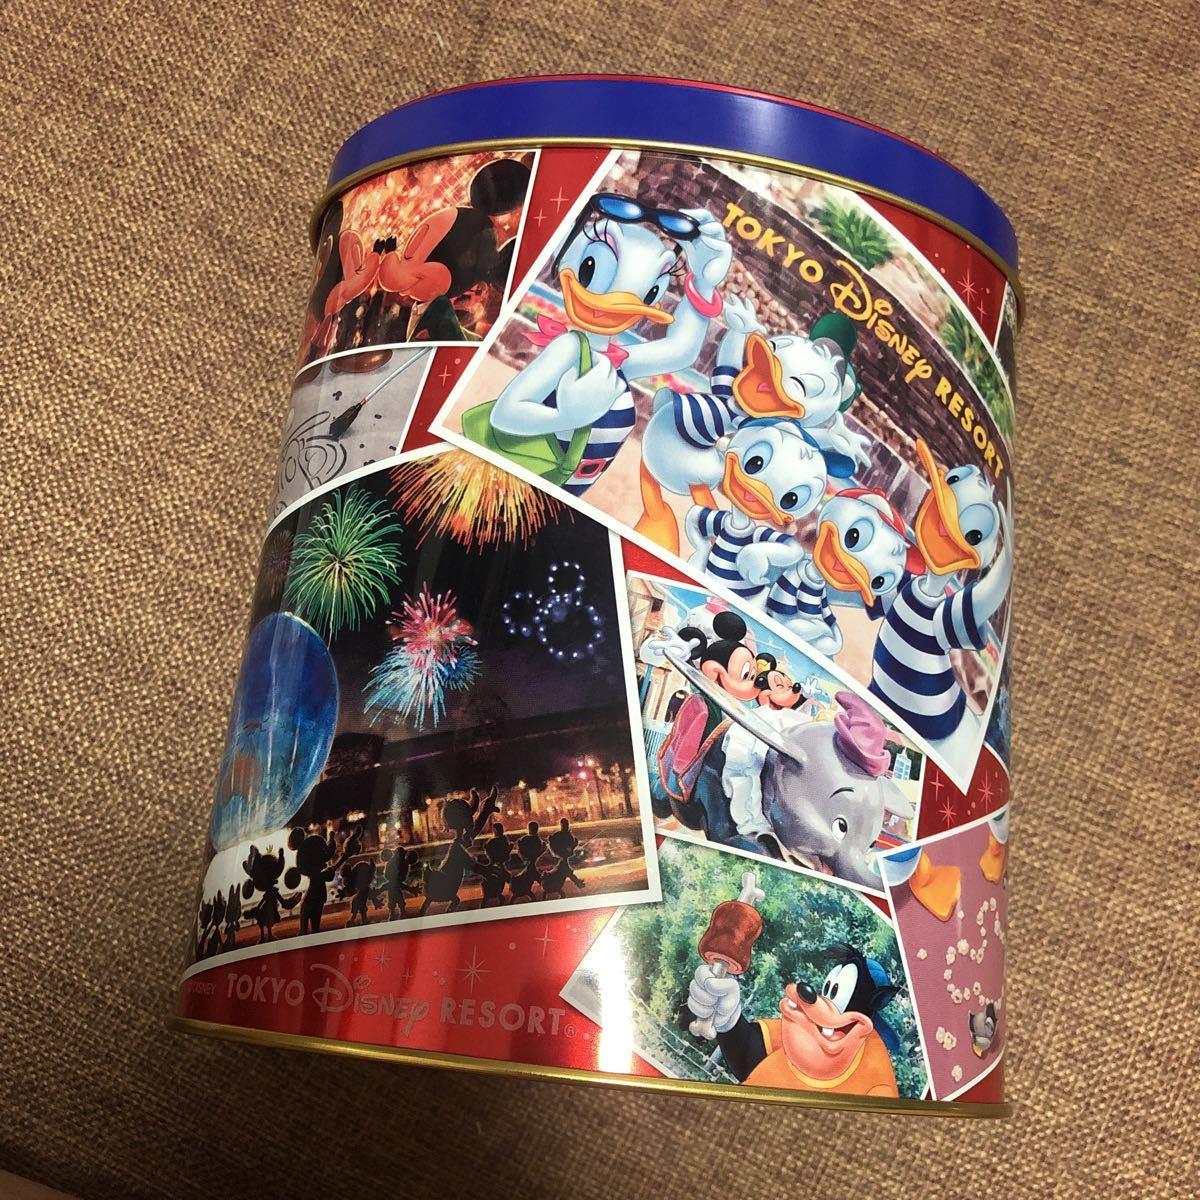 東京ディズニーリゾート チョコレートクランチ 空き缶 空きカン ケース TDL TDS TDR ディズニーランド ディズニーシー ミッキー ミニー_画像3